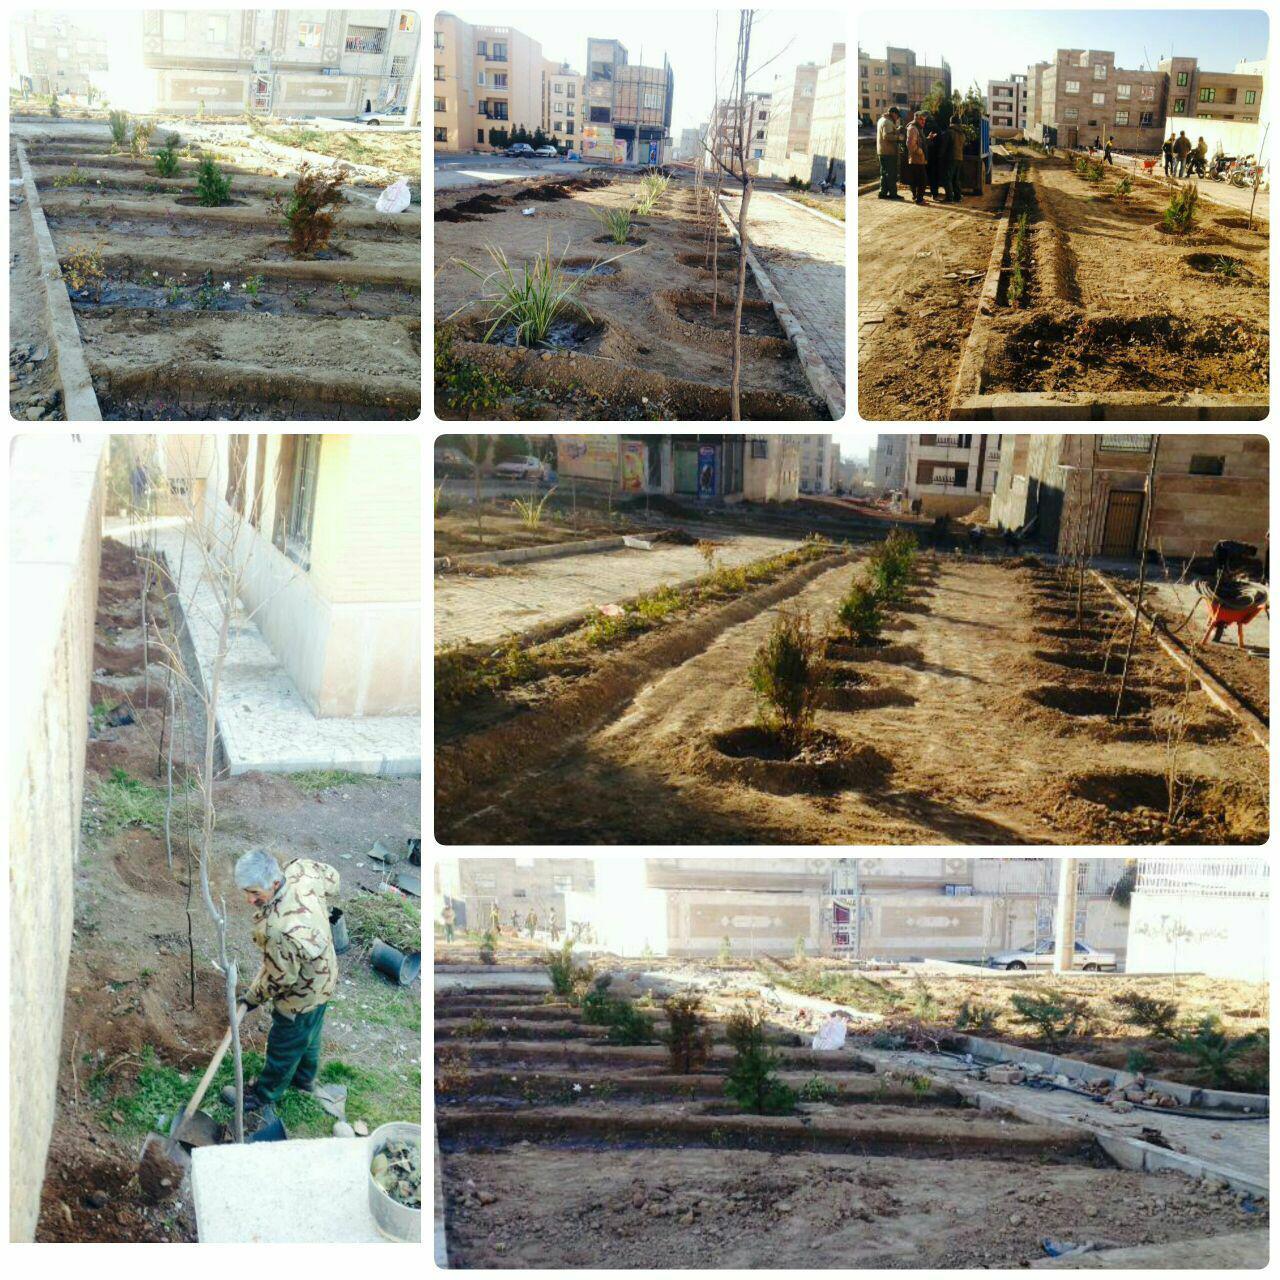 ایستگاه پایانیِ پروژه بوستان پرنیان شهر پرند